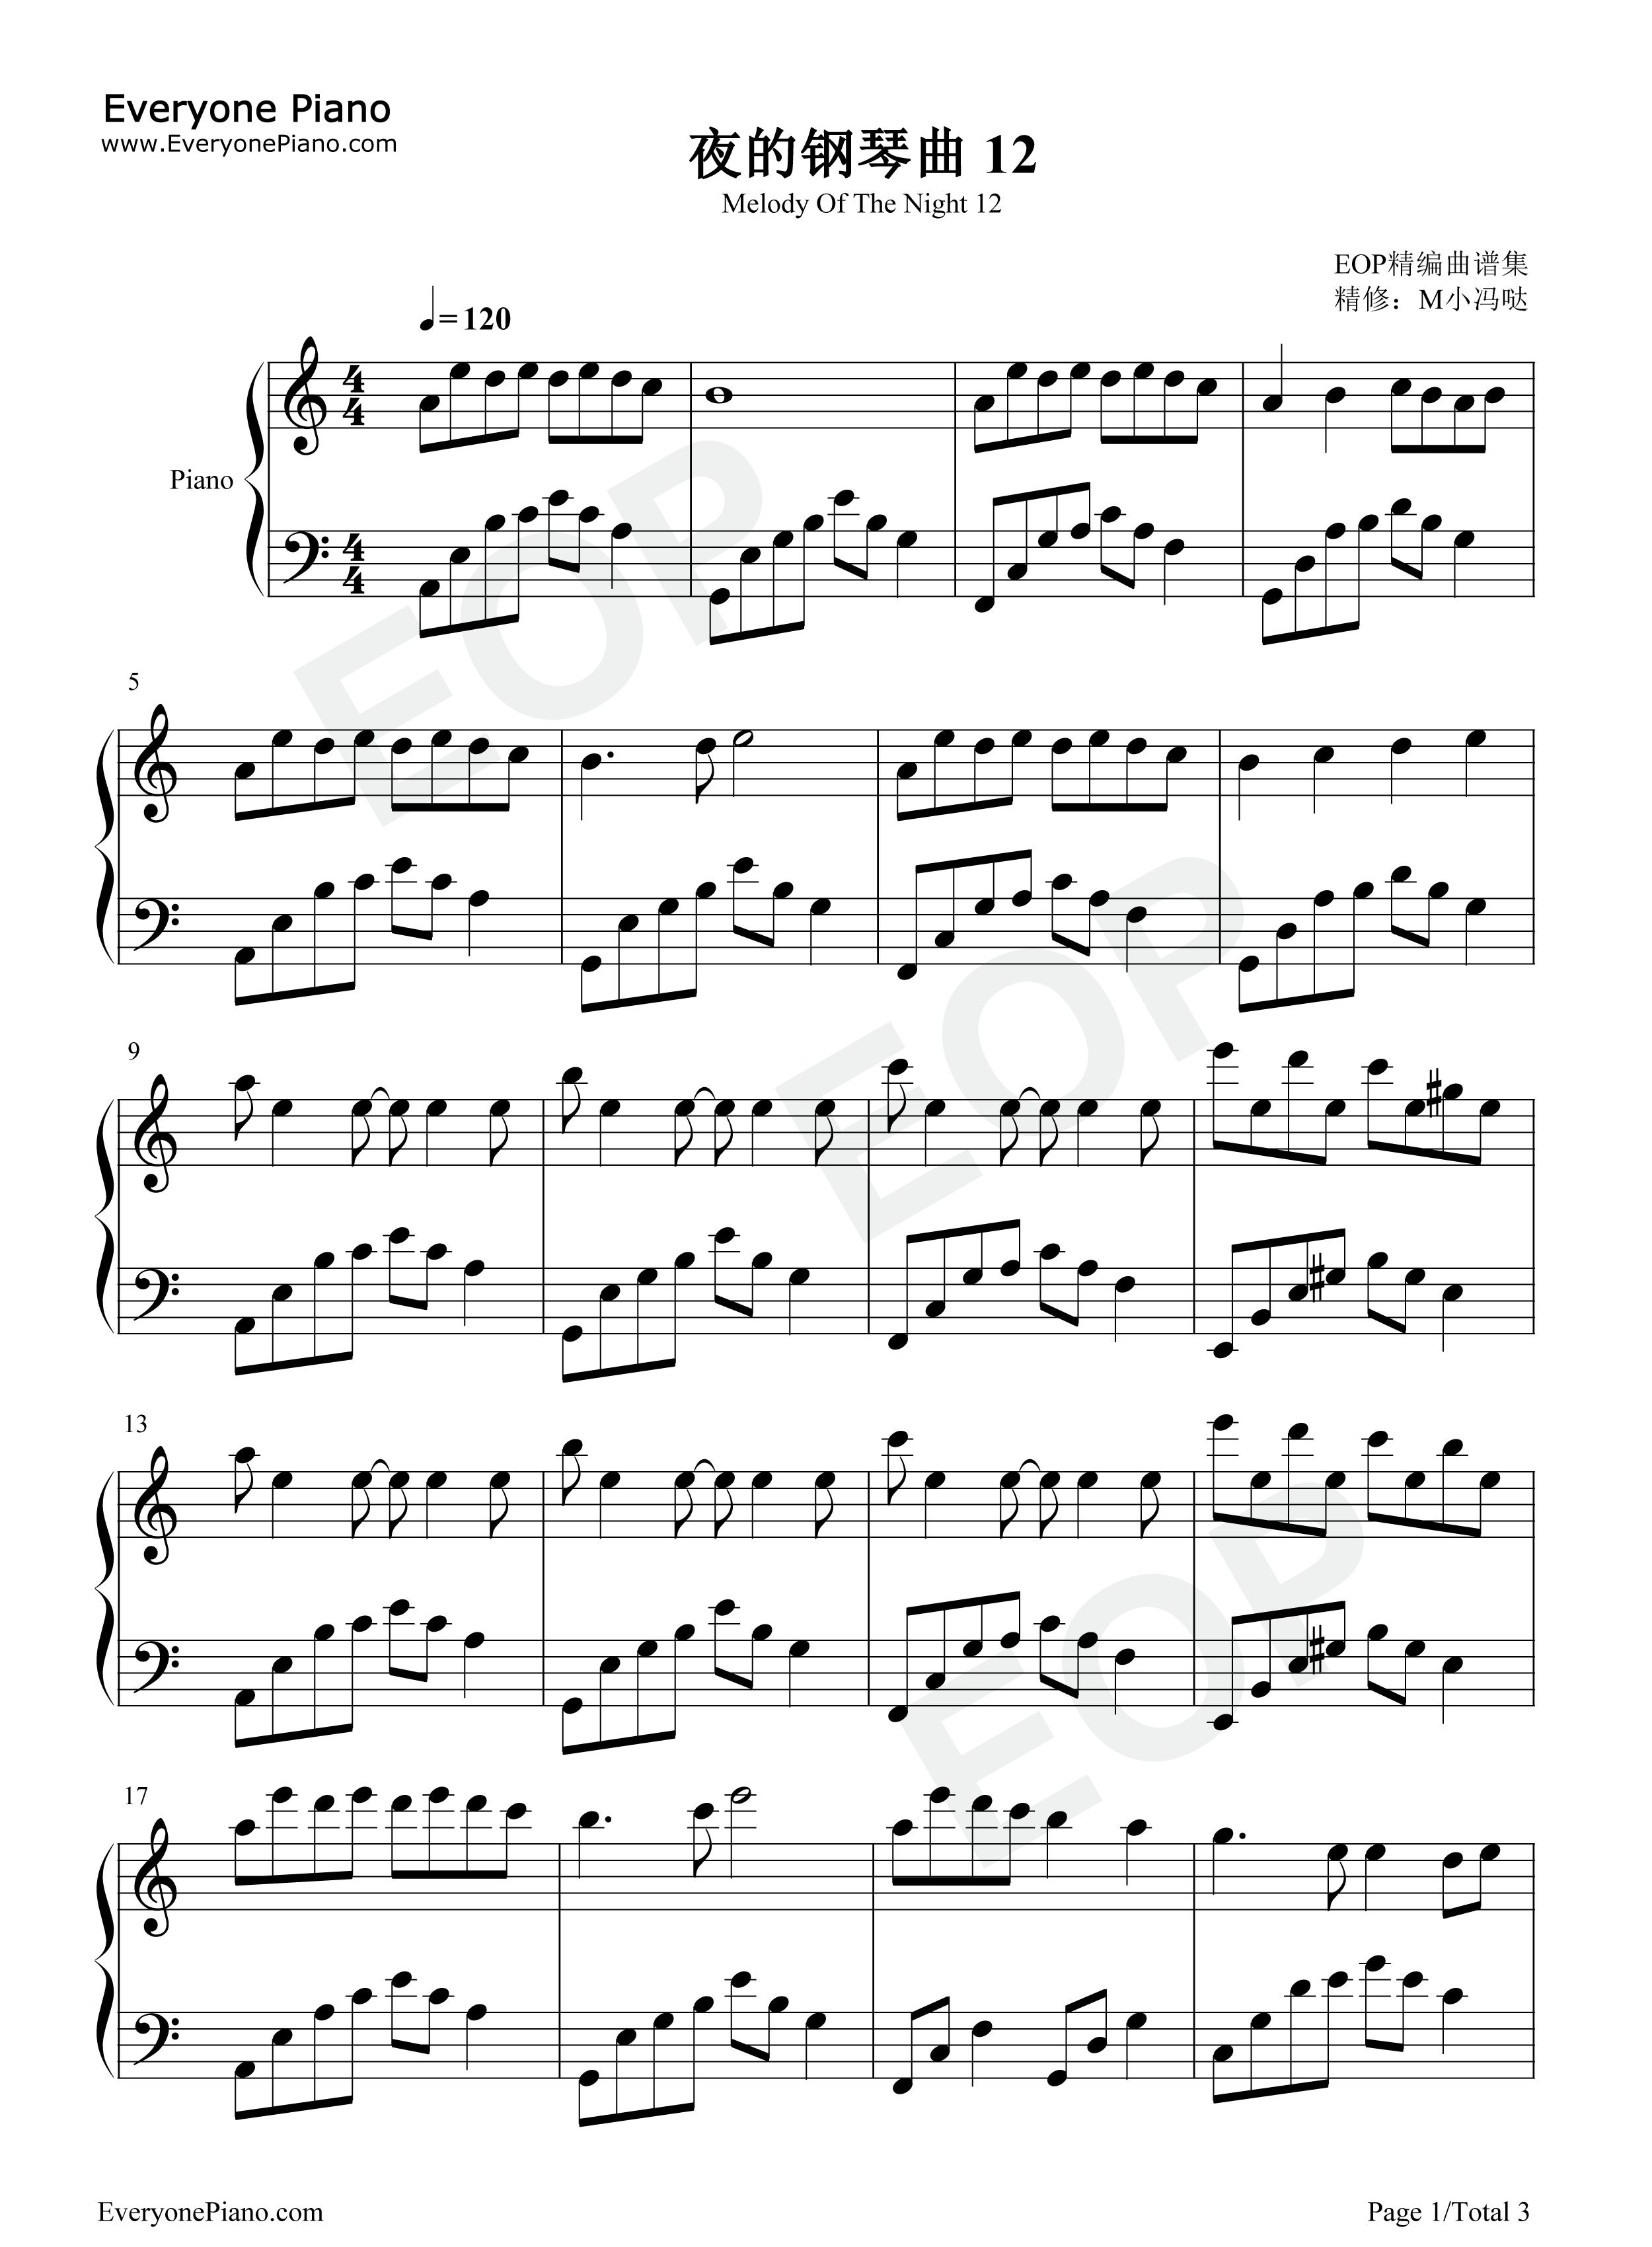 夜的钢琴曲 12 石进五线谱预览 EOP在线乐谱架